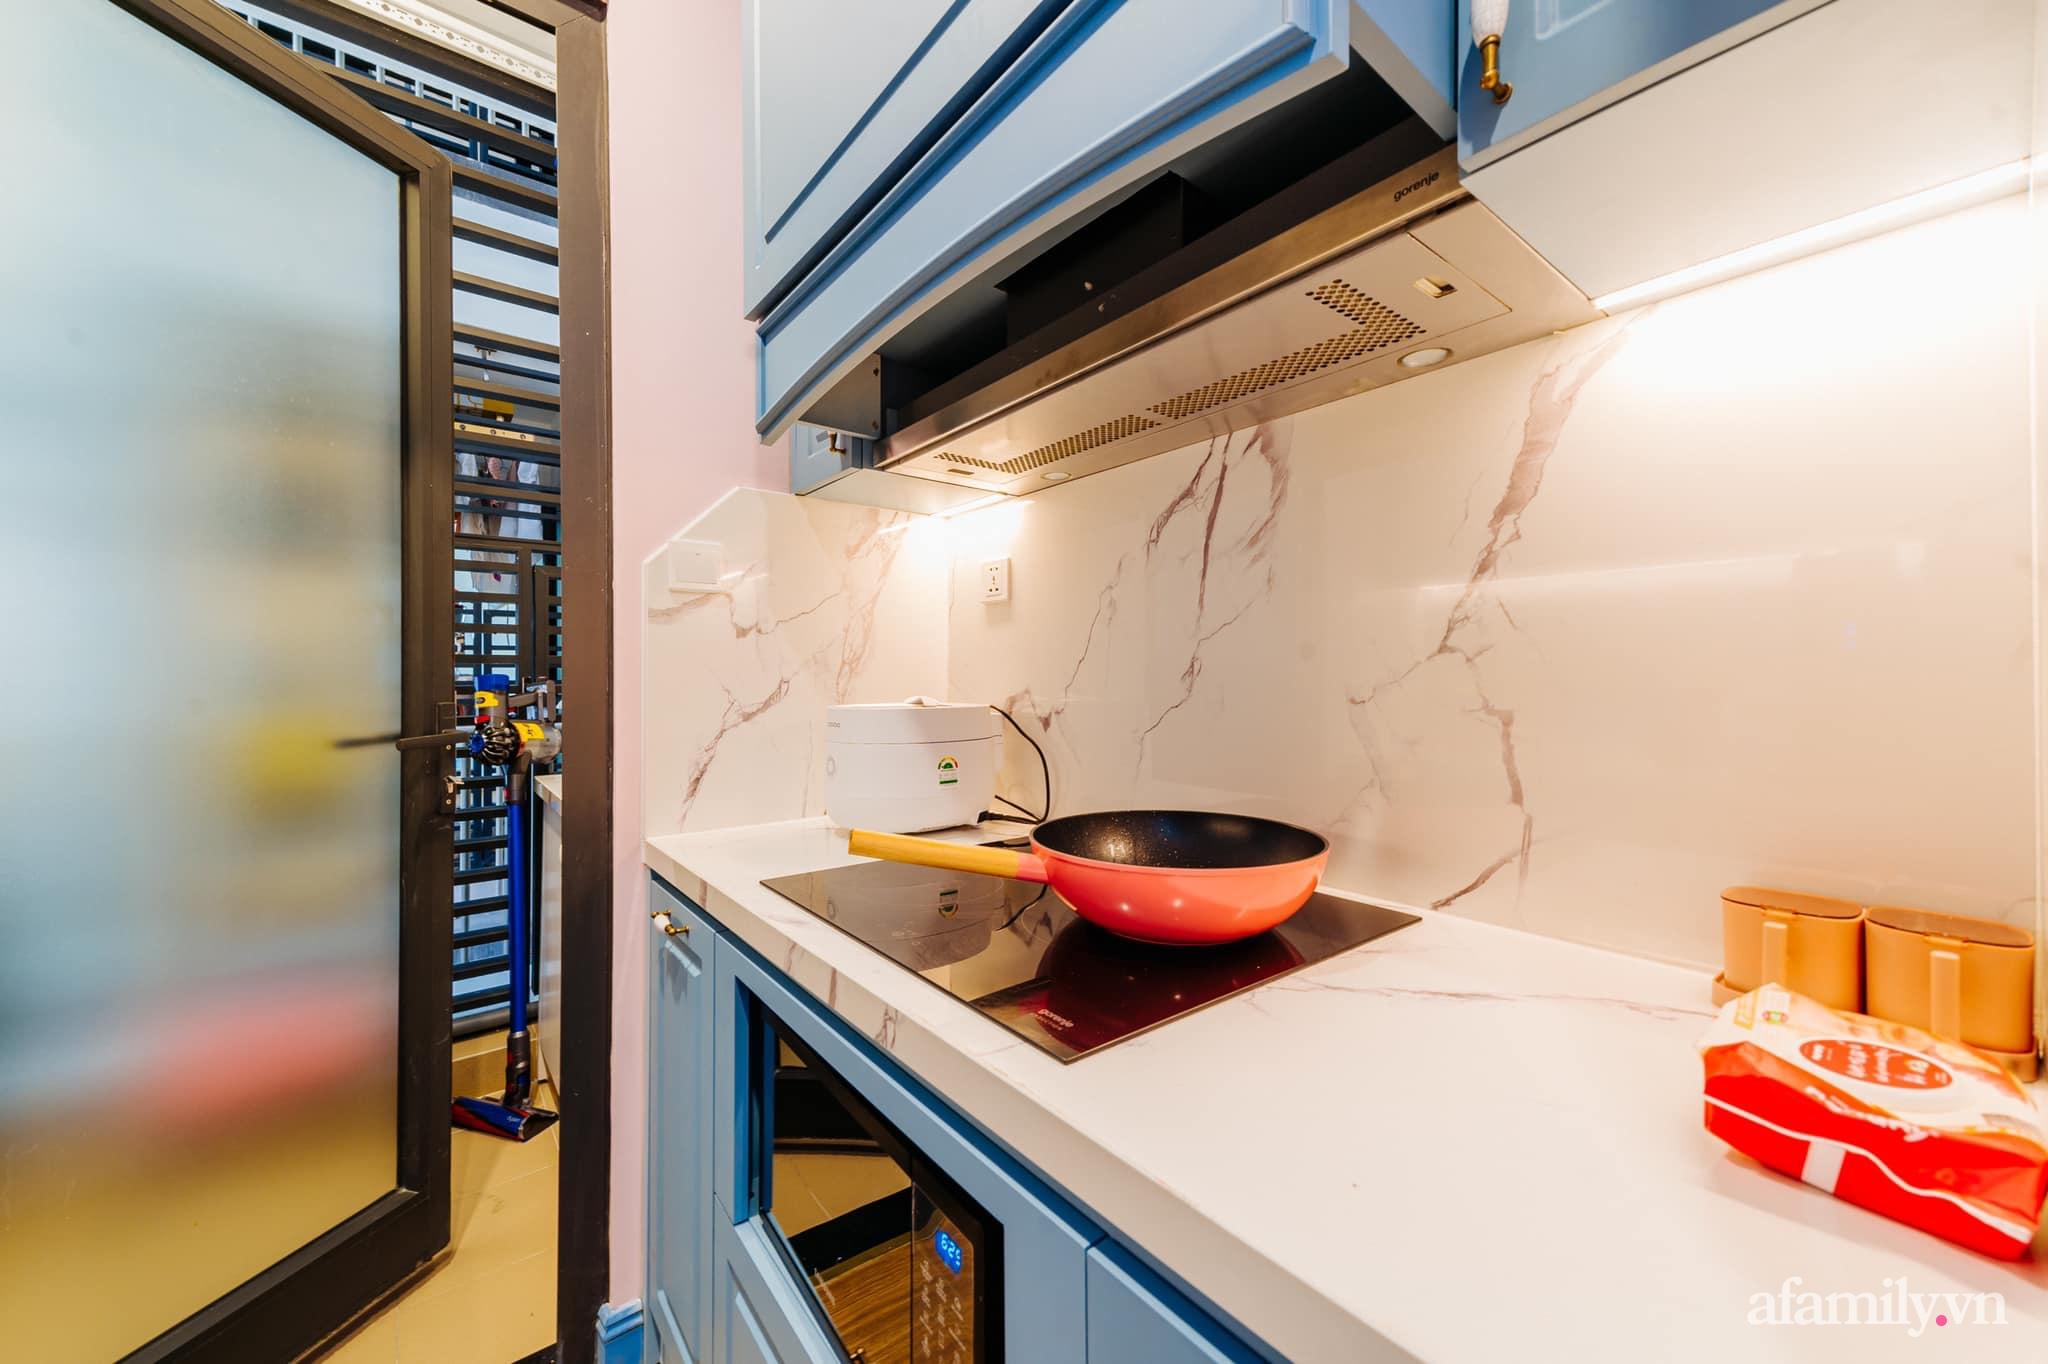 Căn hộ 45m² đẹp không góc chết với điểm nhấn màu xanh hồng cực chất có chi phí hoàn thiện 200 triệu đồng ở Hà Nội - Ảnh 10.